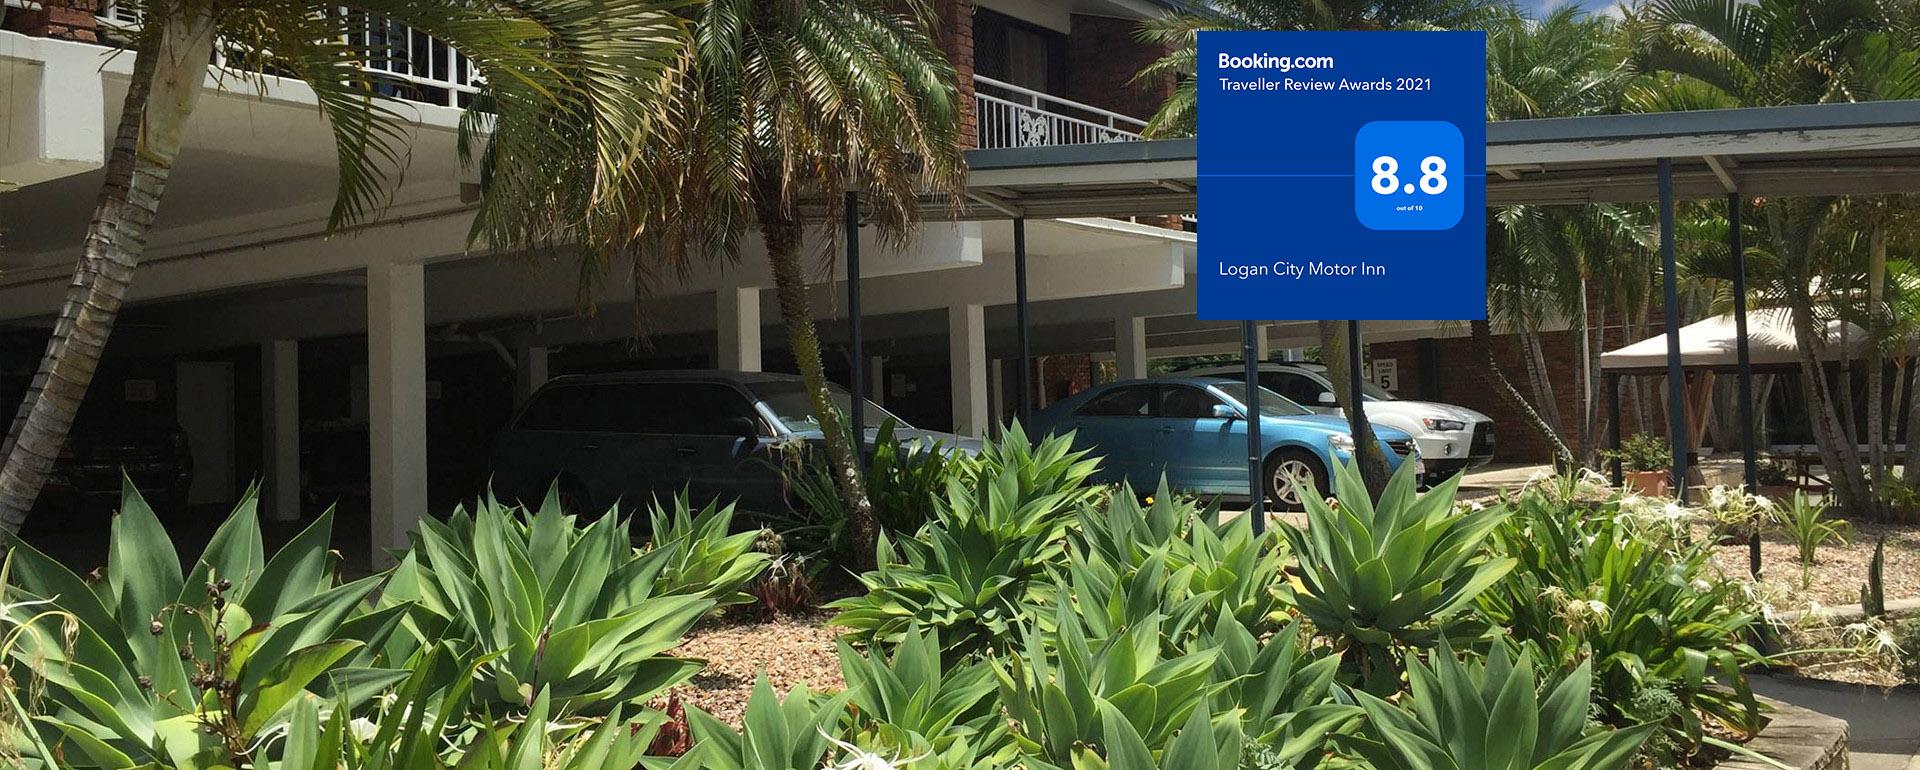 Desktop Banner Logan City Motor Inn